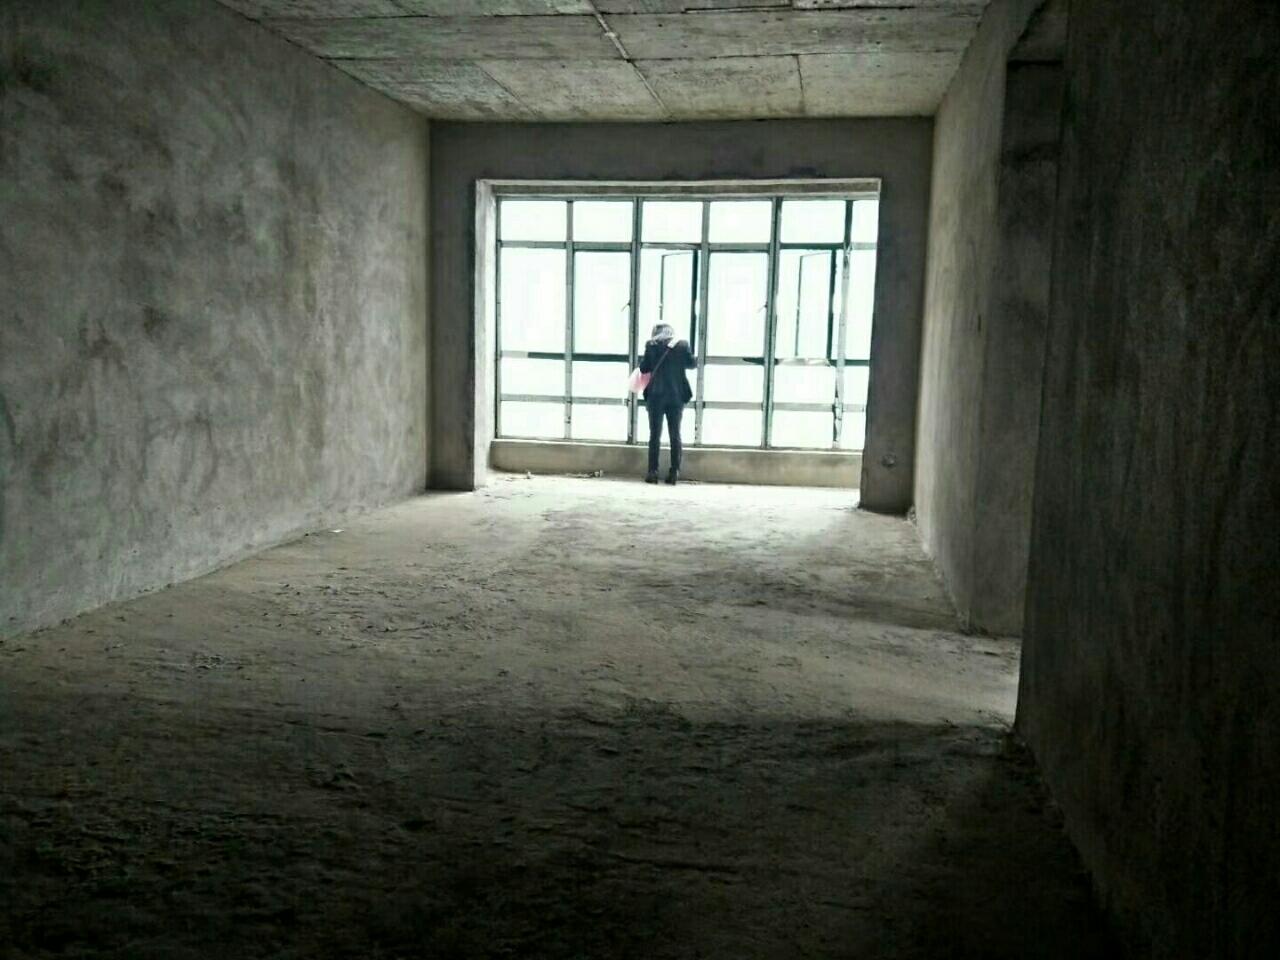 桃江御景大二房68.6万,一小学区房